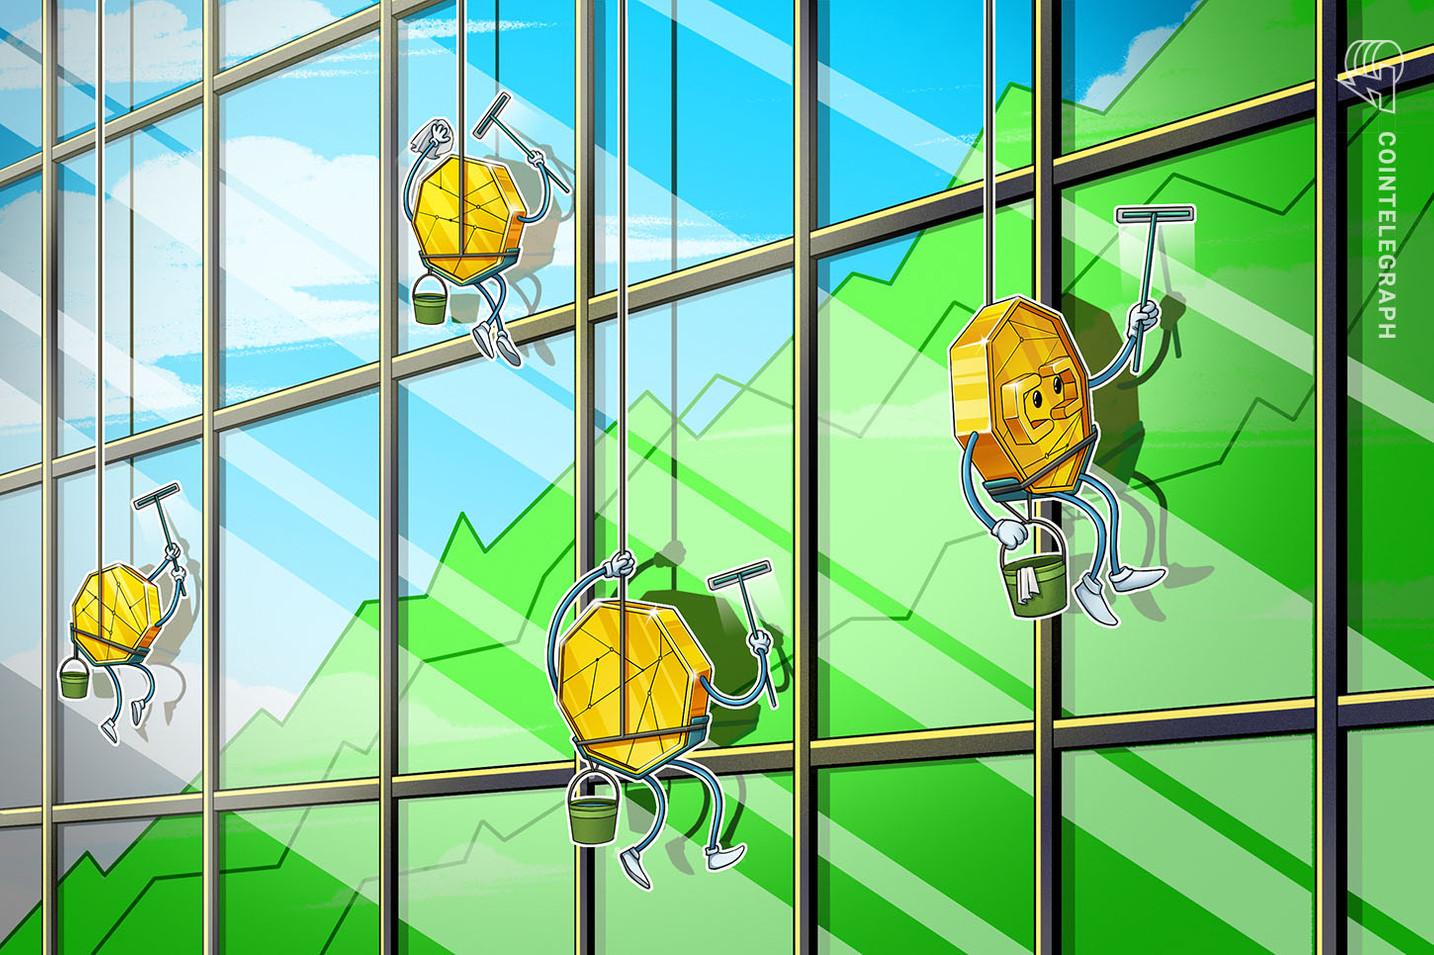 El precio de Bitcoin supera los USD 9,300 mientras las altcoins experimentan ganancias moderadas